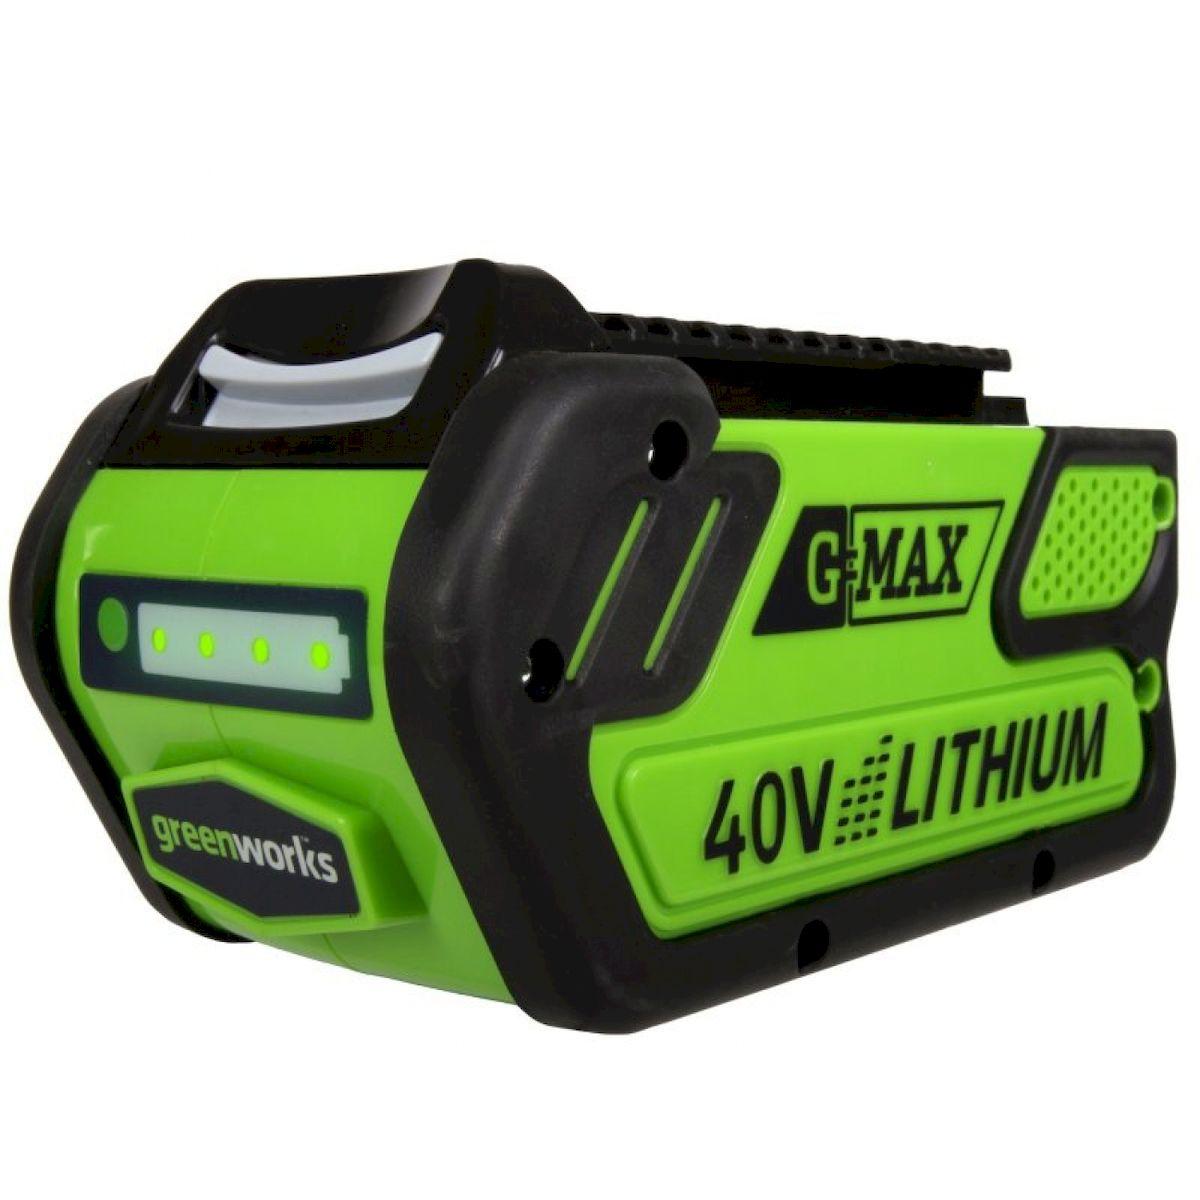 Литий-Ионная аккумуляторная батарея GreenWorks 40В 4Аh29727Сверхмощная аккумуляторная система 40В G-MAX40 Емкость аккумулятора 4 А/ч Время зарядки аккумулятора 80 мин Рабочий температурный режим до -20С Большое количество циклов зарядки-разрядки Совместим со всей линейкой инструмента и садовой техники Greenworks 40В G-MAX40